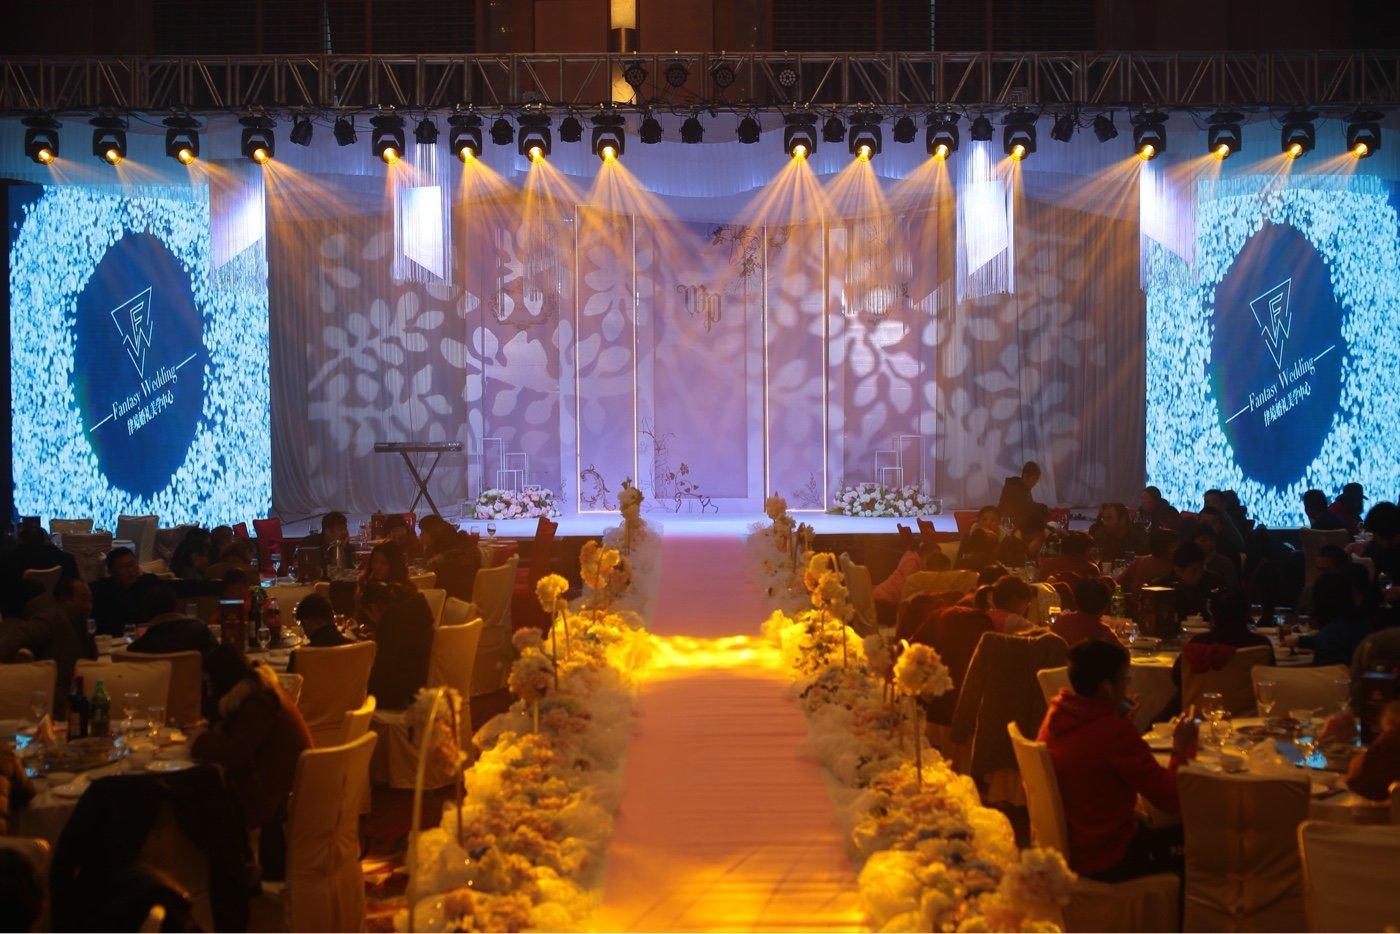 「Fantasy Wedding」&滨湖世纪金源酒店9